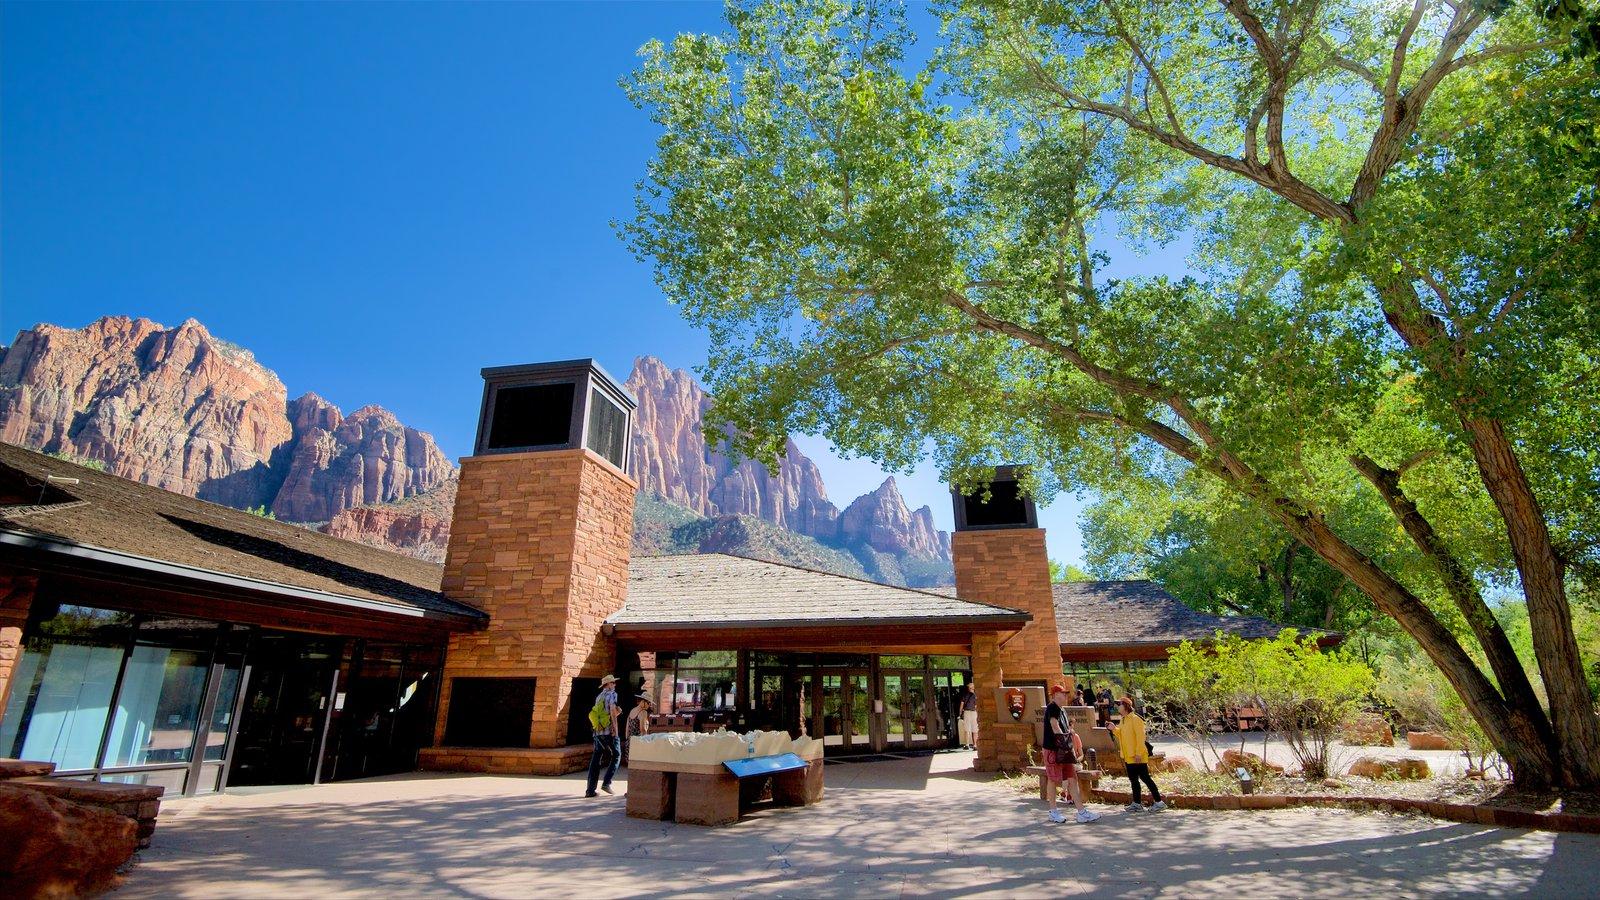 Parque Nacional Zion mostrando montañas